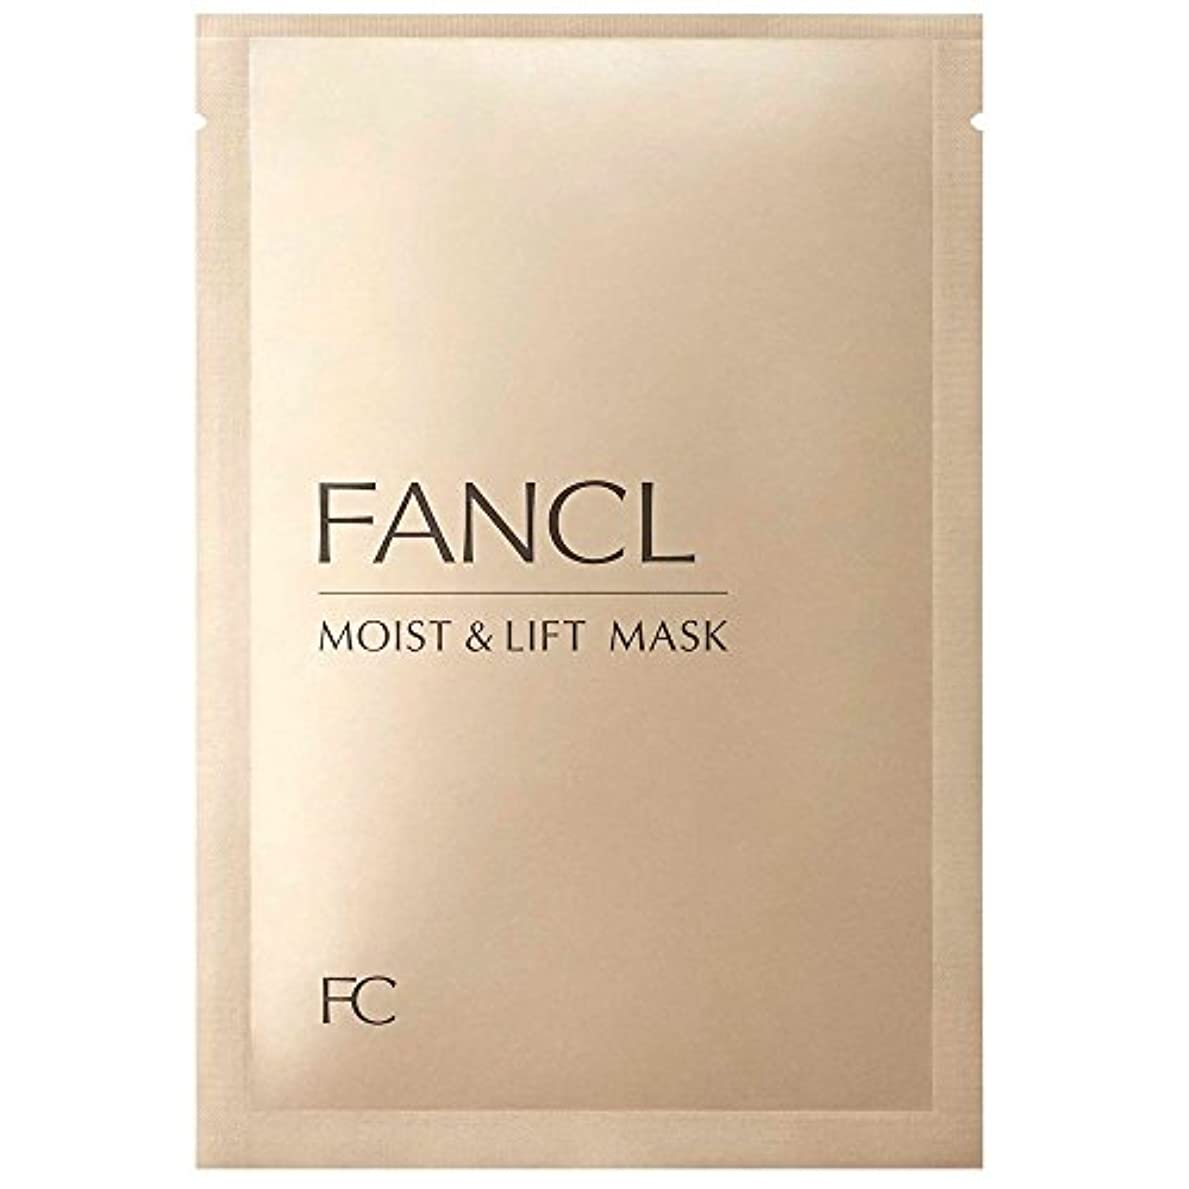 減少ピニオンカバーファンケル (FANCL) モイスト&リフトマスク M&L マスク 6枚セット (28mL×6)